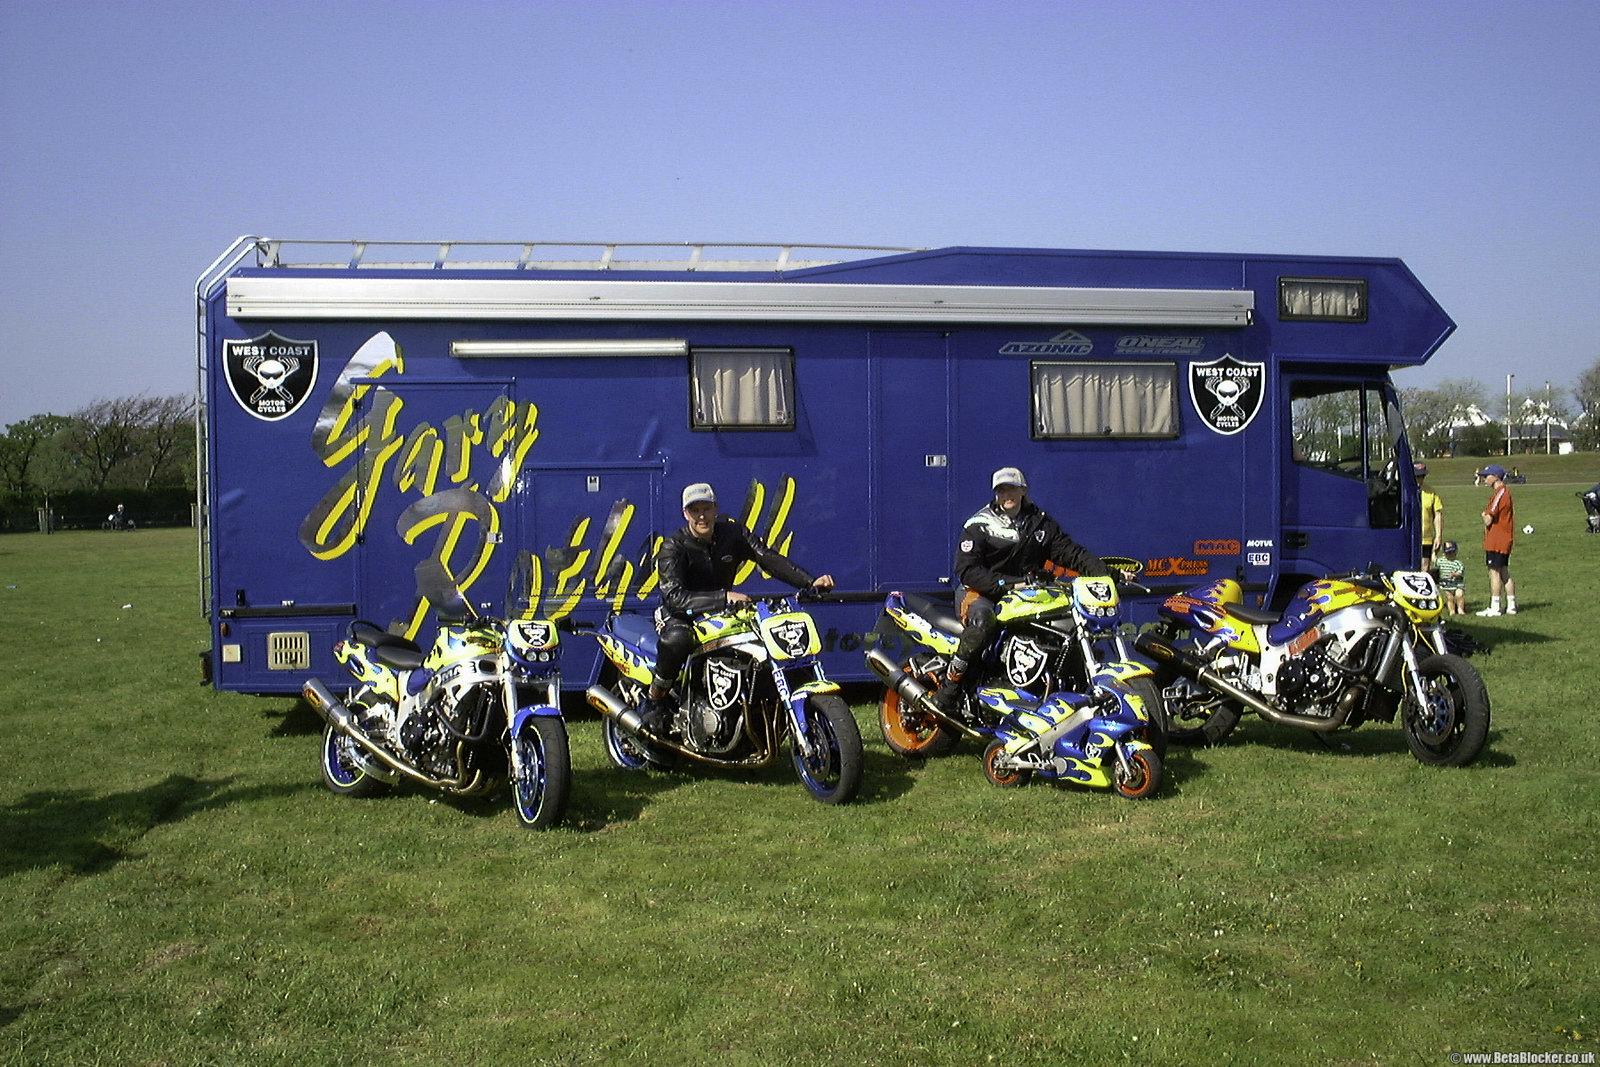 Gary and Joan Rothwell Southport motorcycle line up Suzuki Hayabusa GSX1300R , Suzuki GSXR1100, Suzuki GSF1200, Pocket Bike, Suzuki GSX1300R Turbo